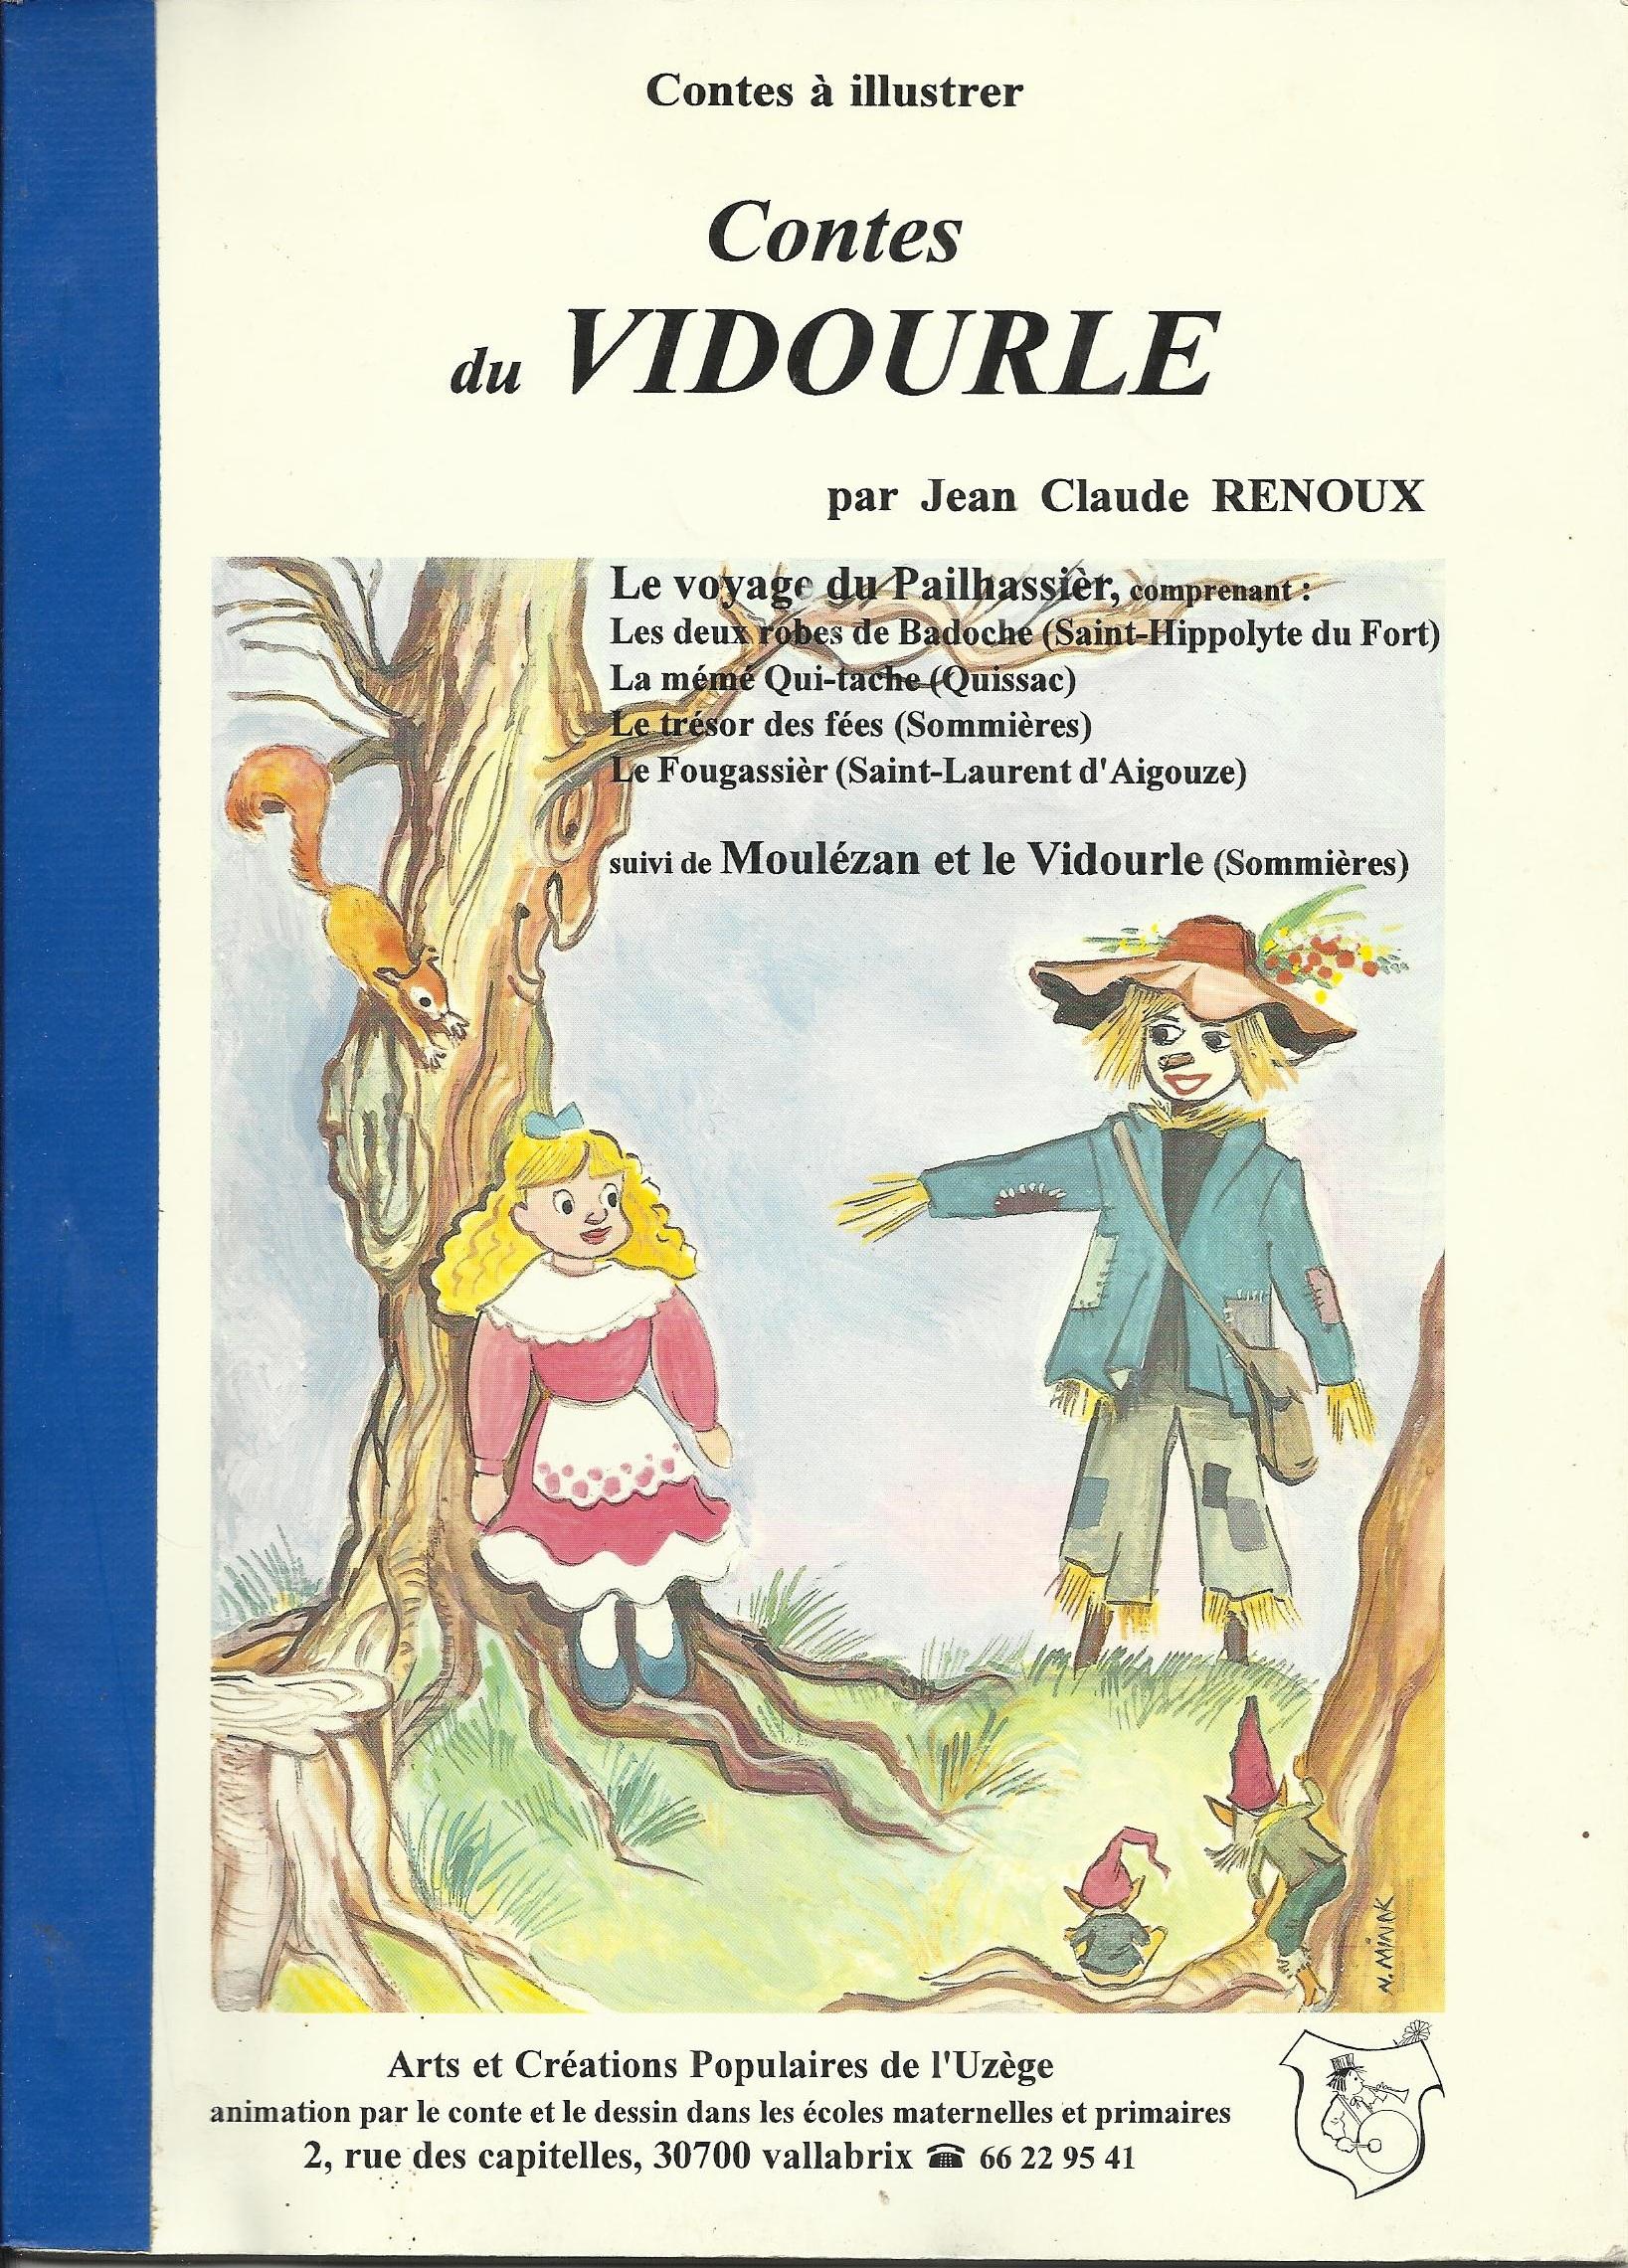 Contes du Vidourle